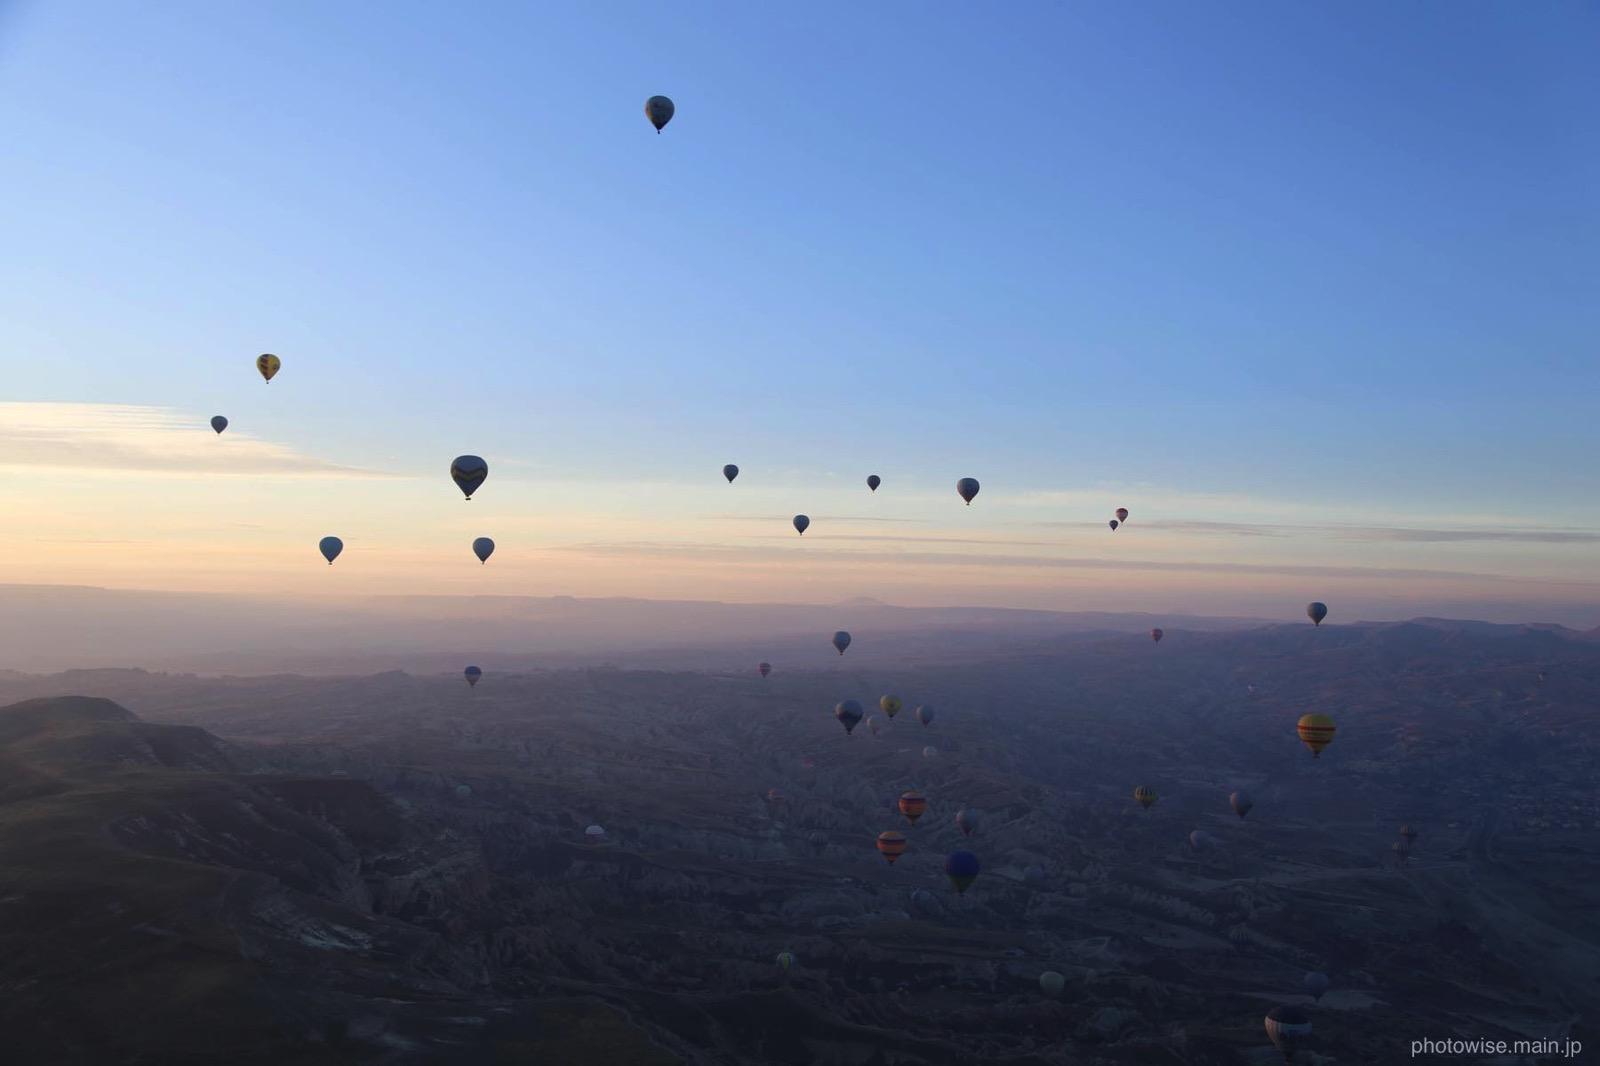 気球と青空